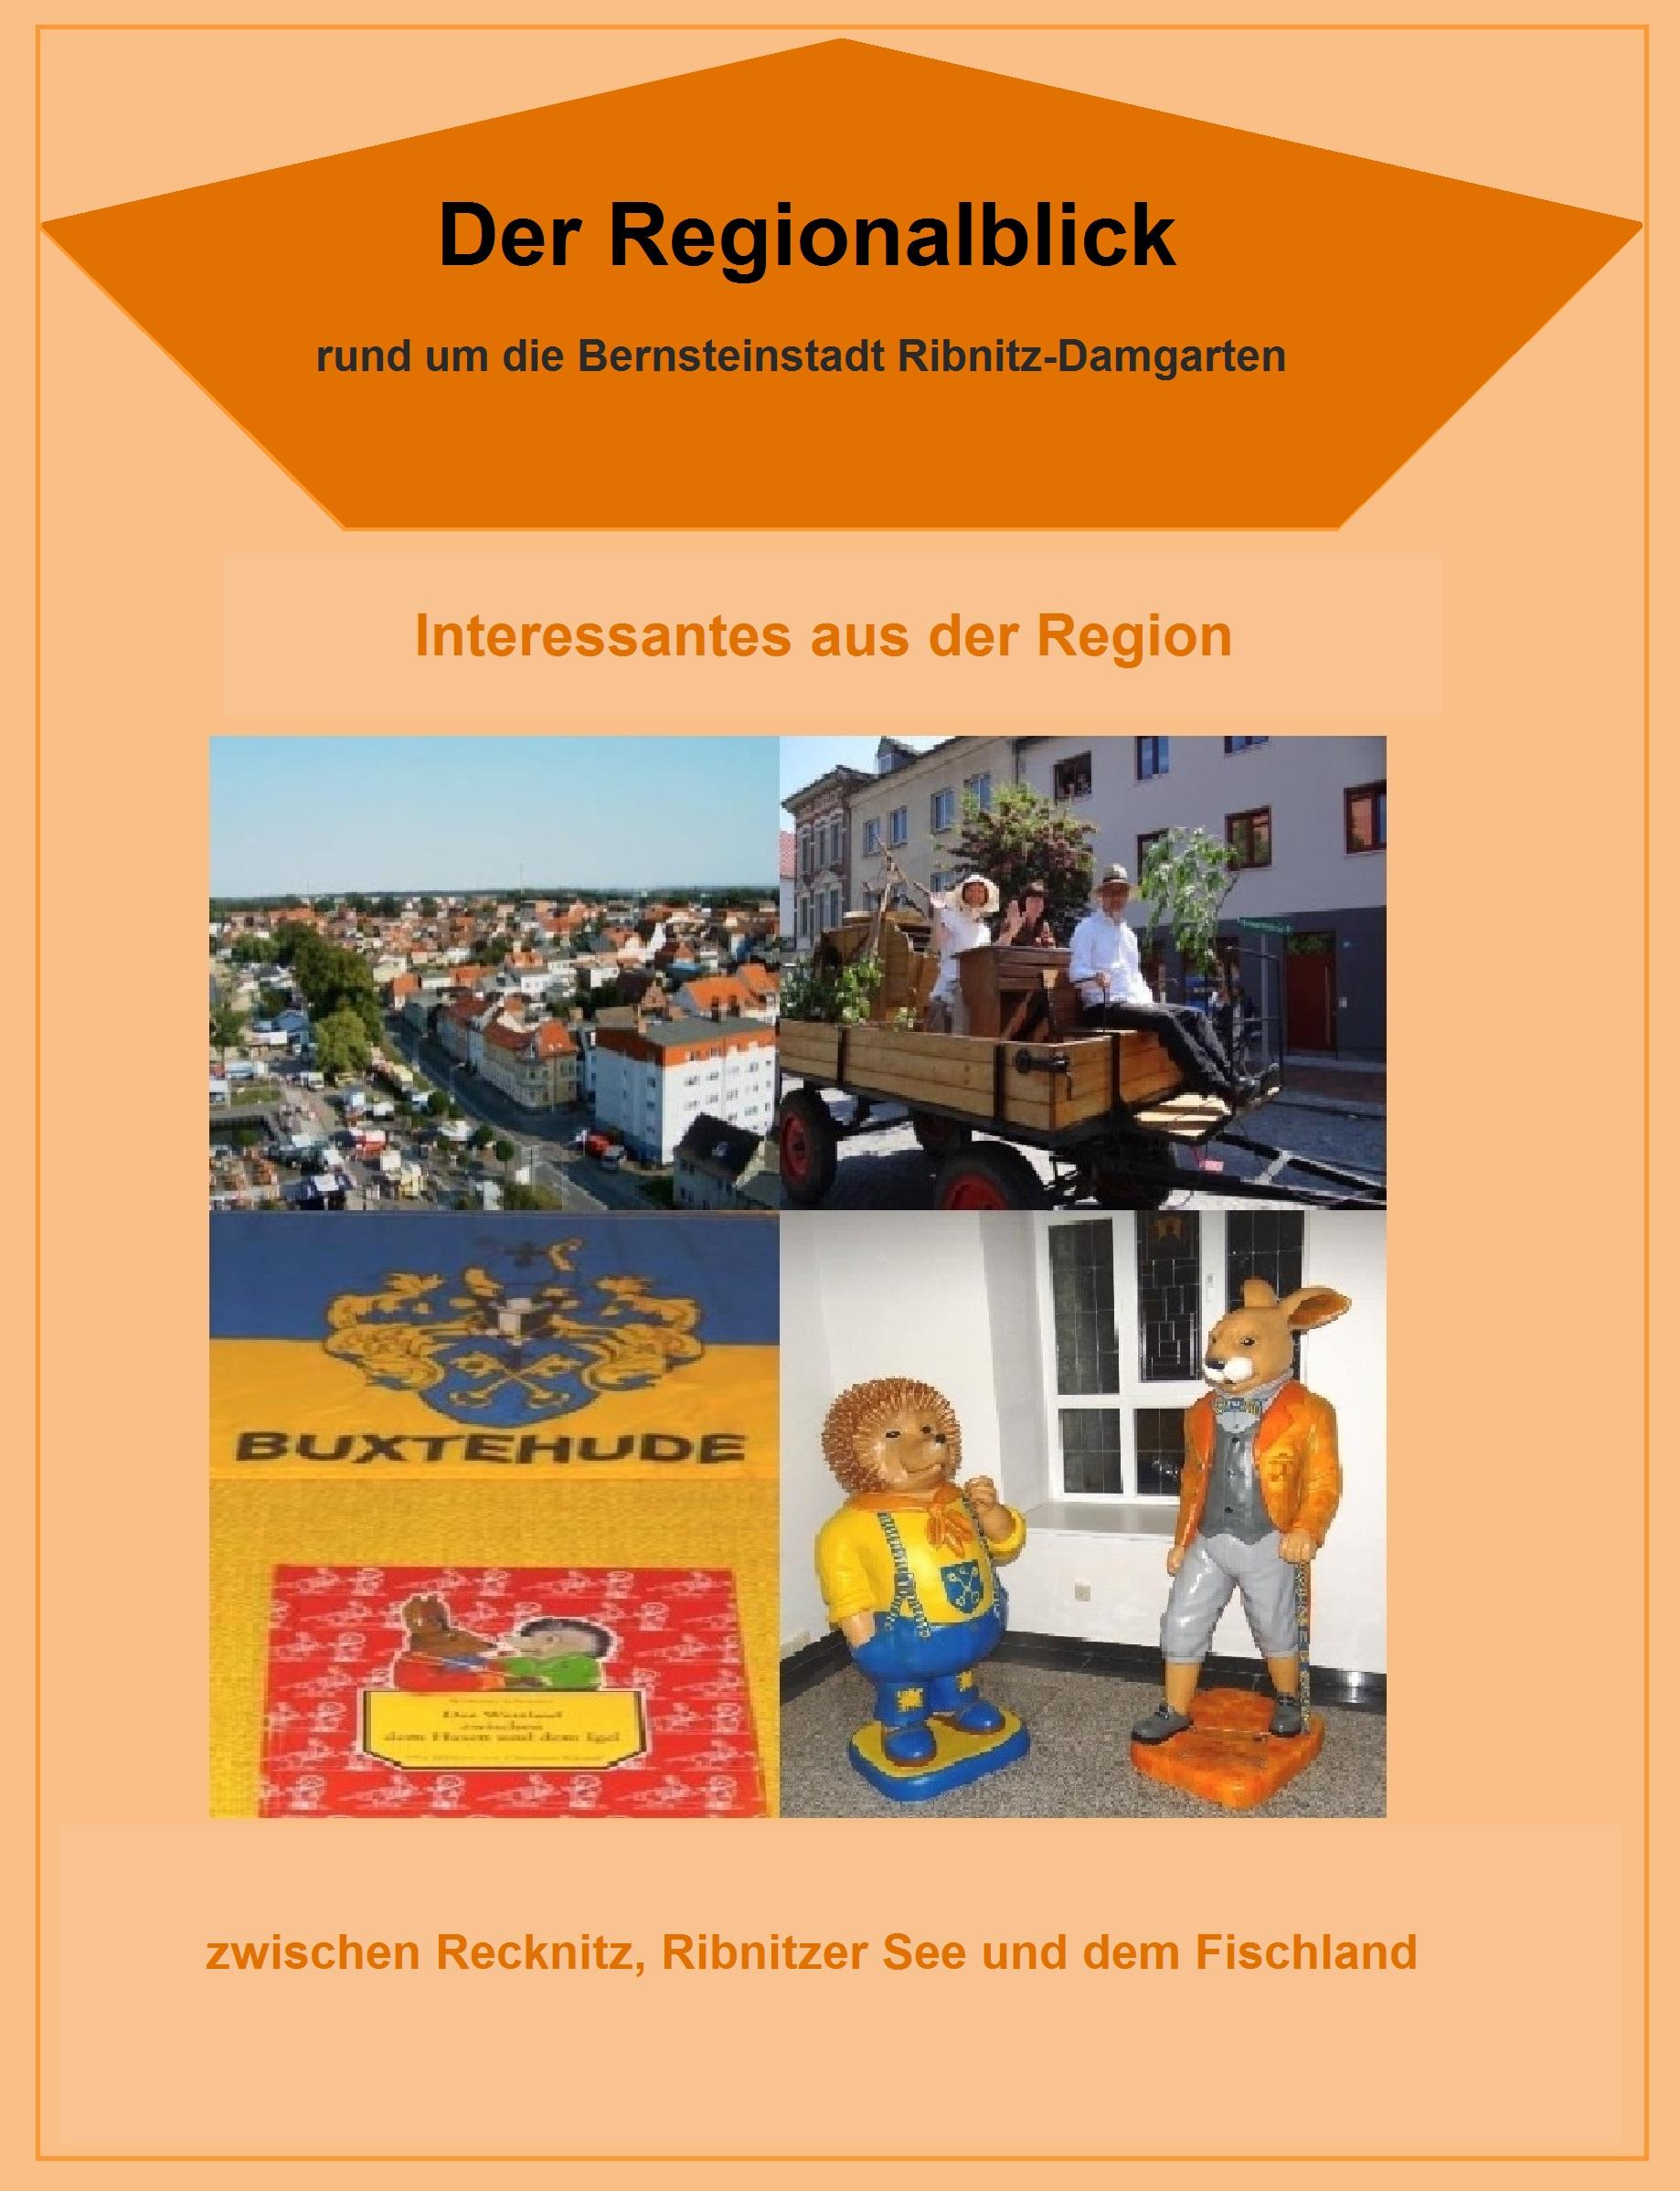 Der Regionalblick rund um die Bernsteinstadt Ribnitz-Damgarten - Interessantes aus der Region zwischen Recknitz, Ribnitzer See und dem Fischland